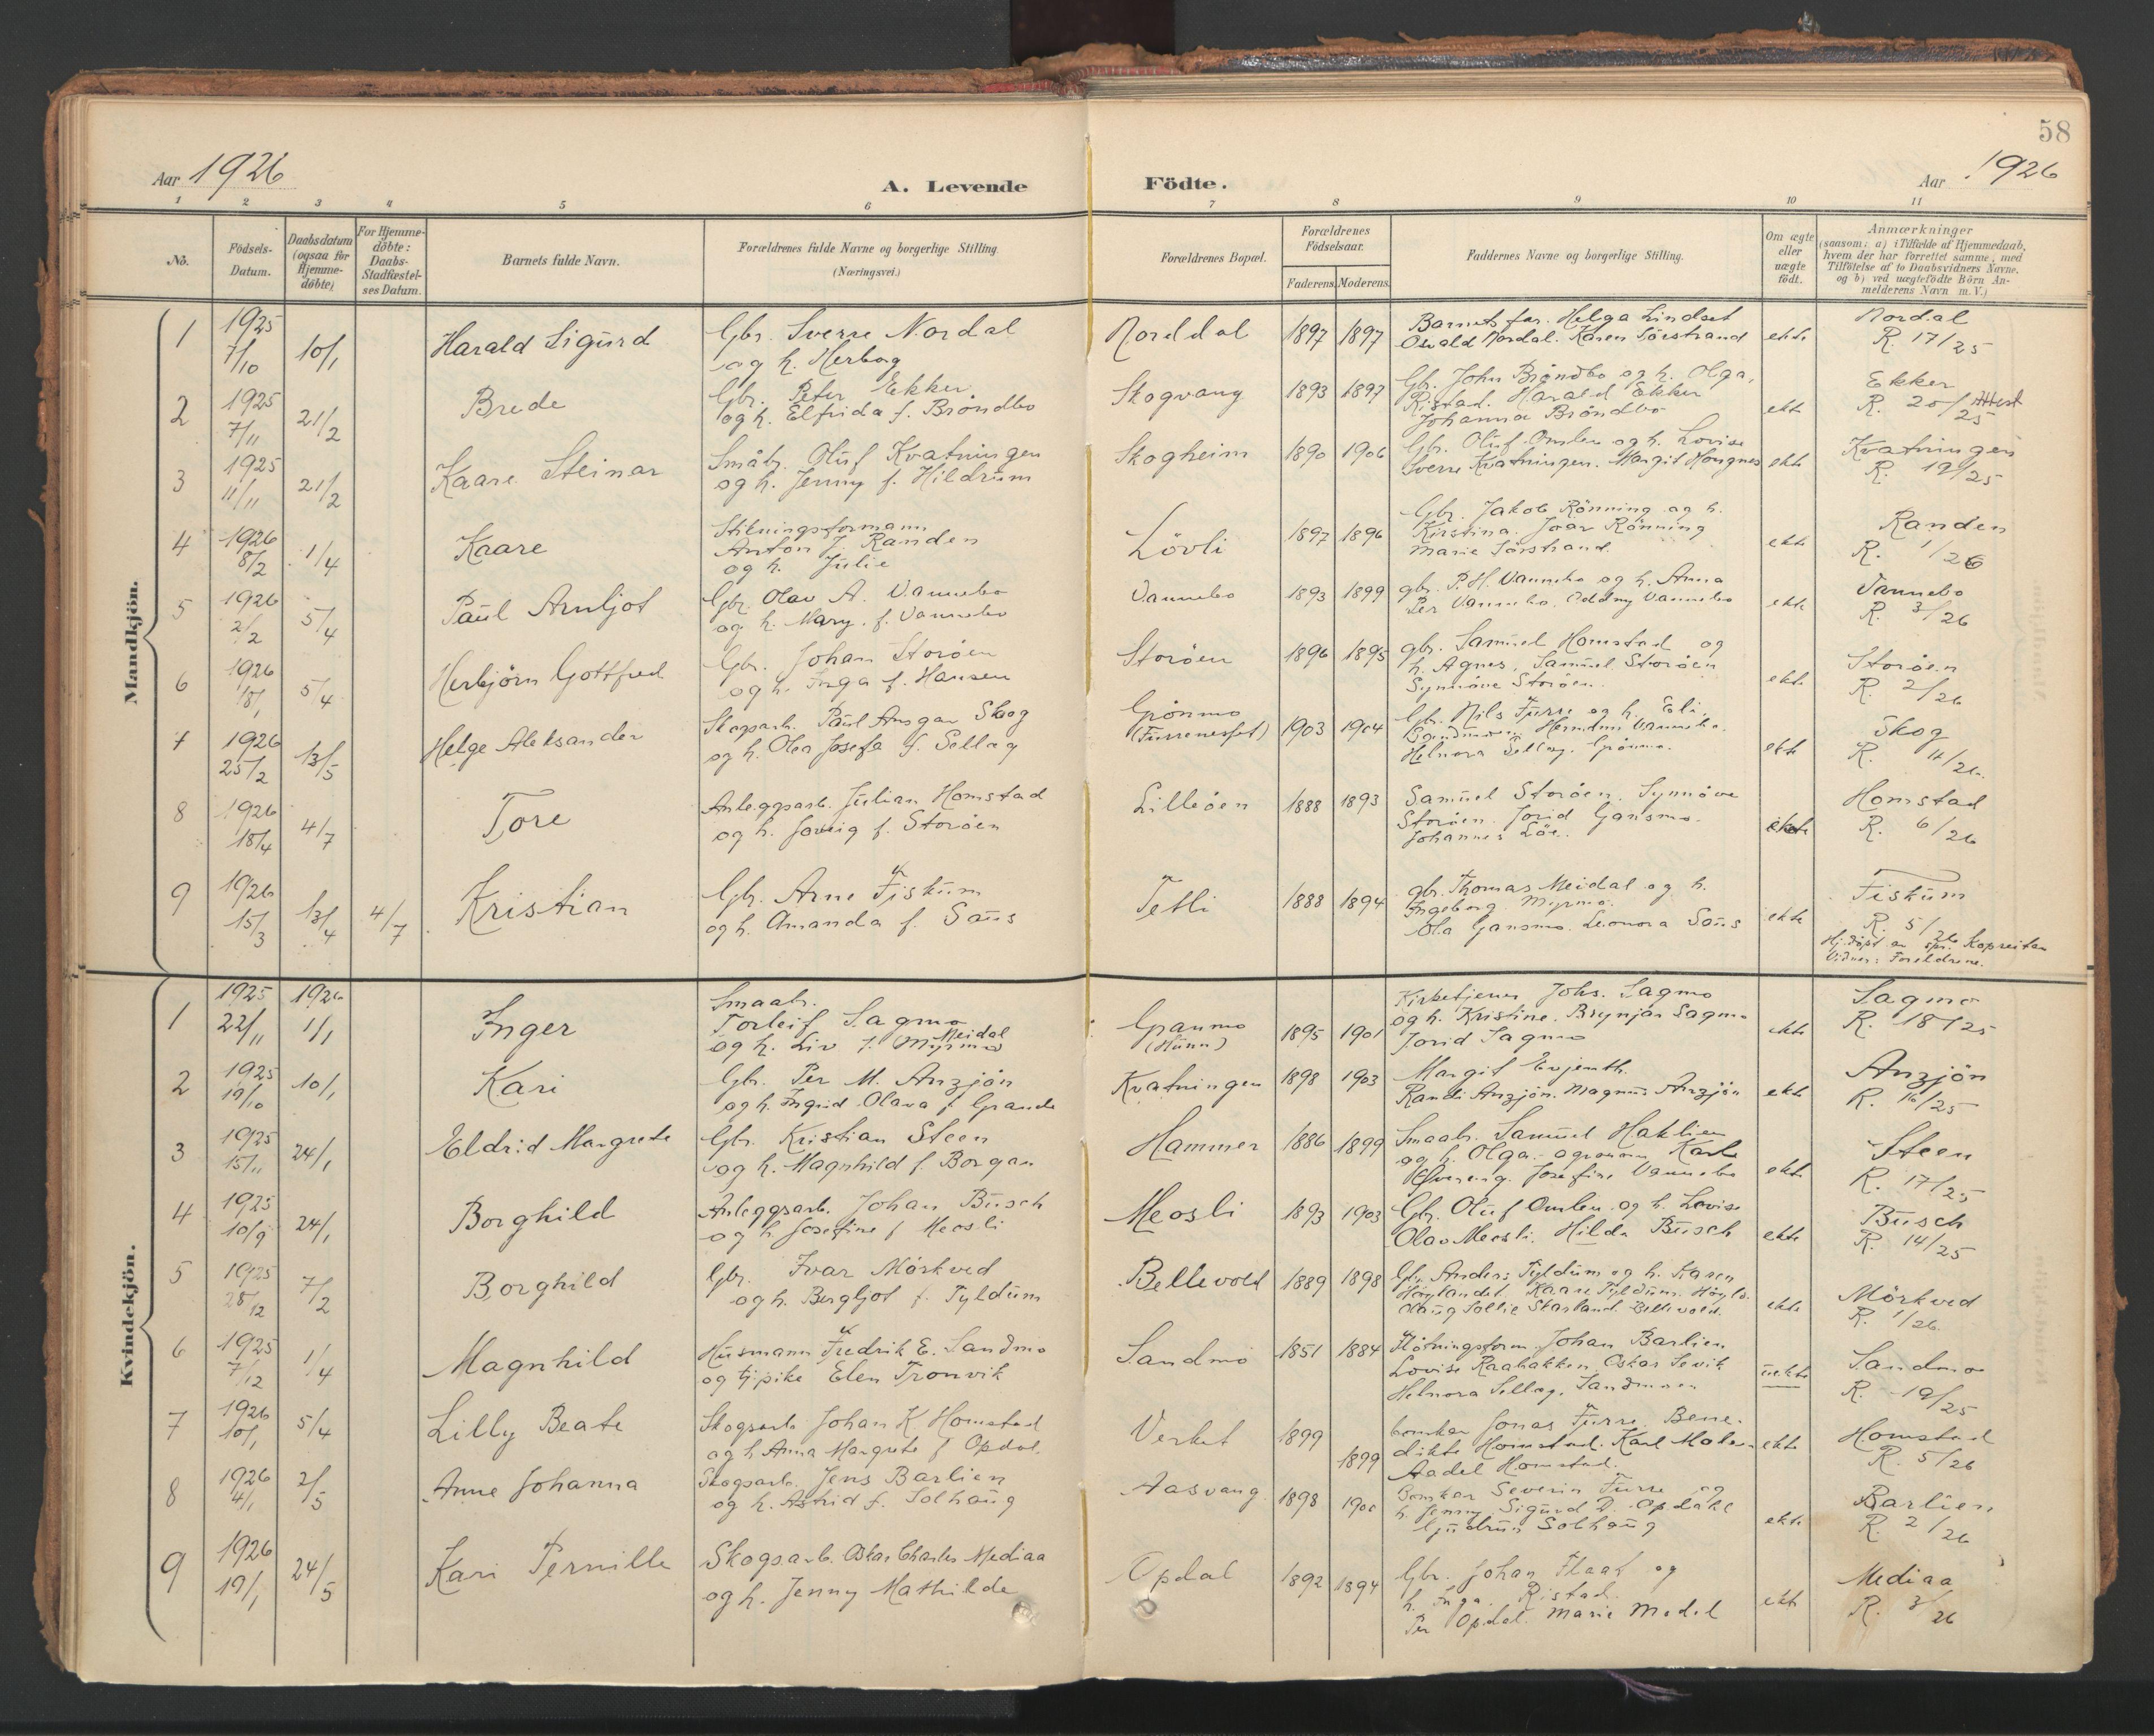 SAT, Ministerialprotokoller, klokkerbøker og fødselsregistre - Nord-Trøndelag, 766/L0564: Ministerialbok nr. 767A02, 1900-1932, s. 58